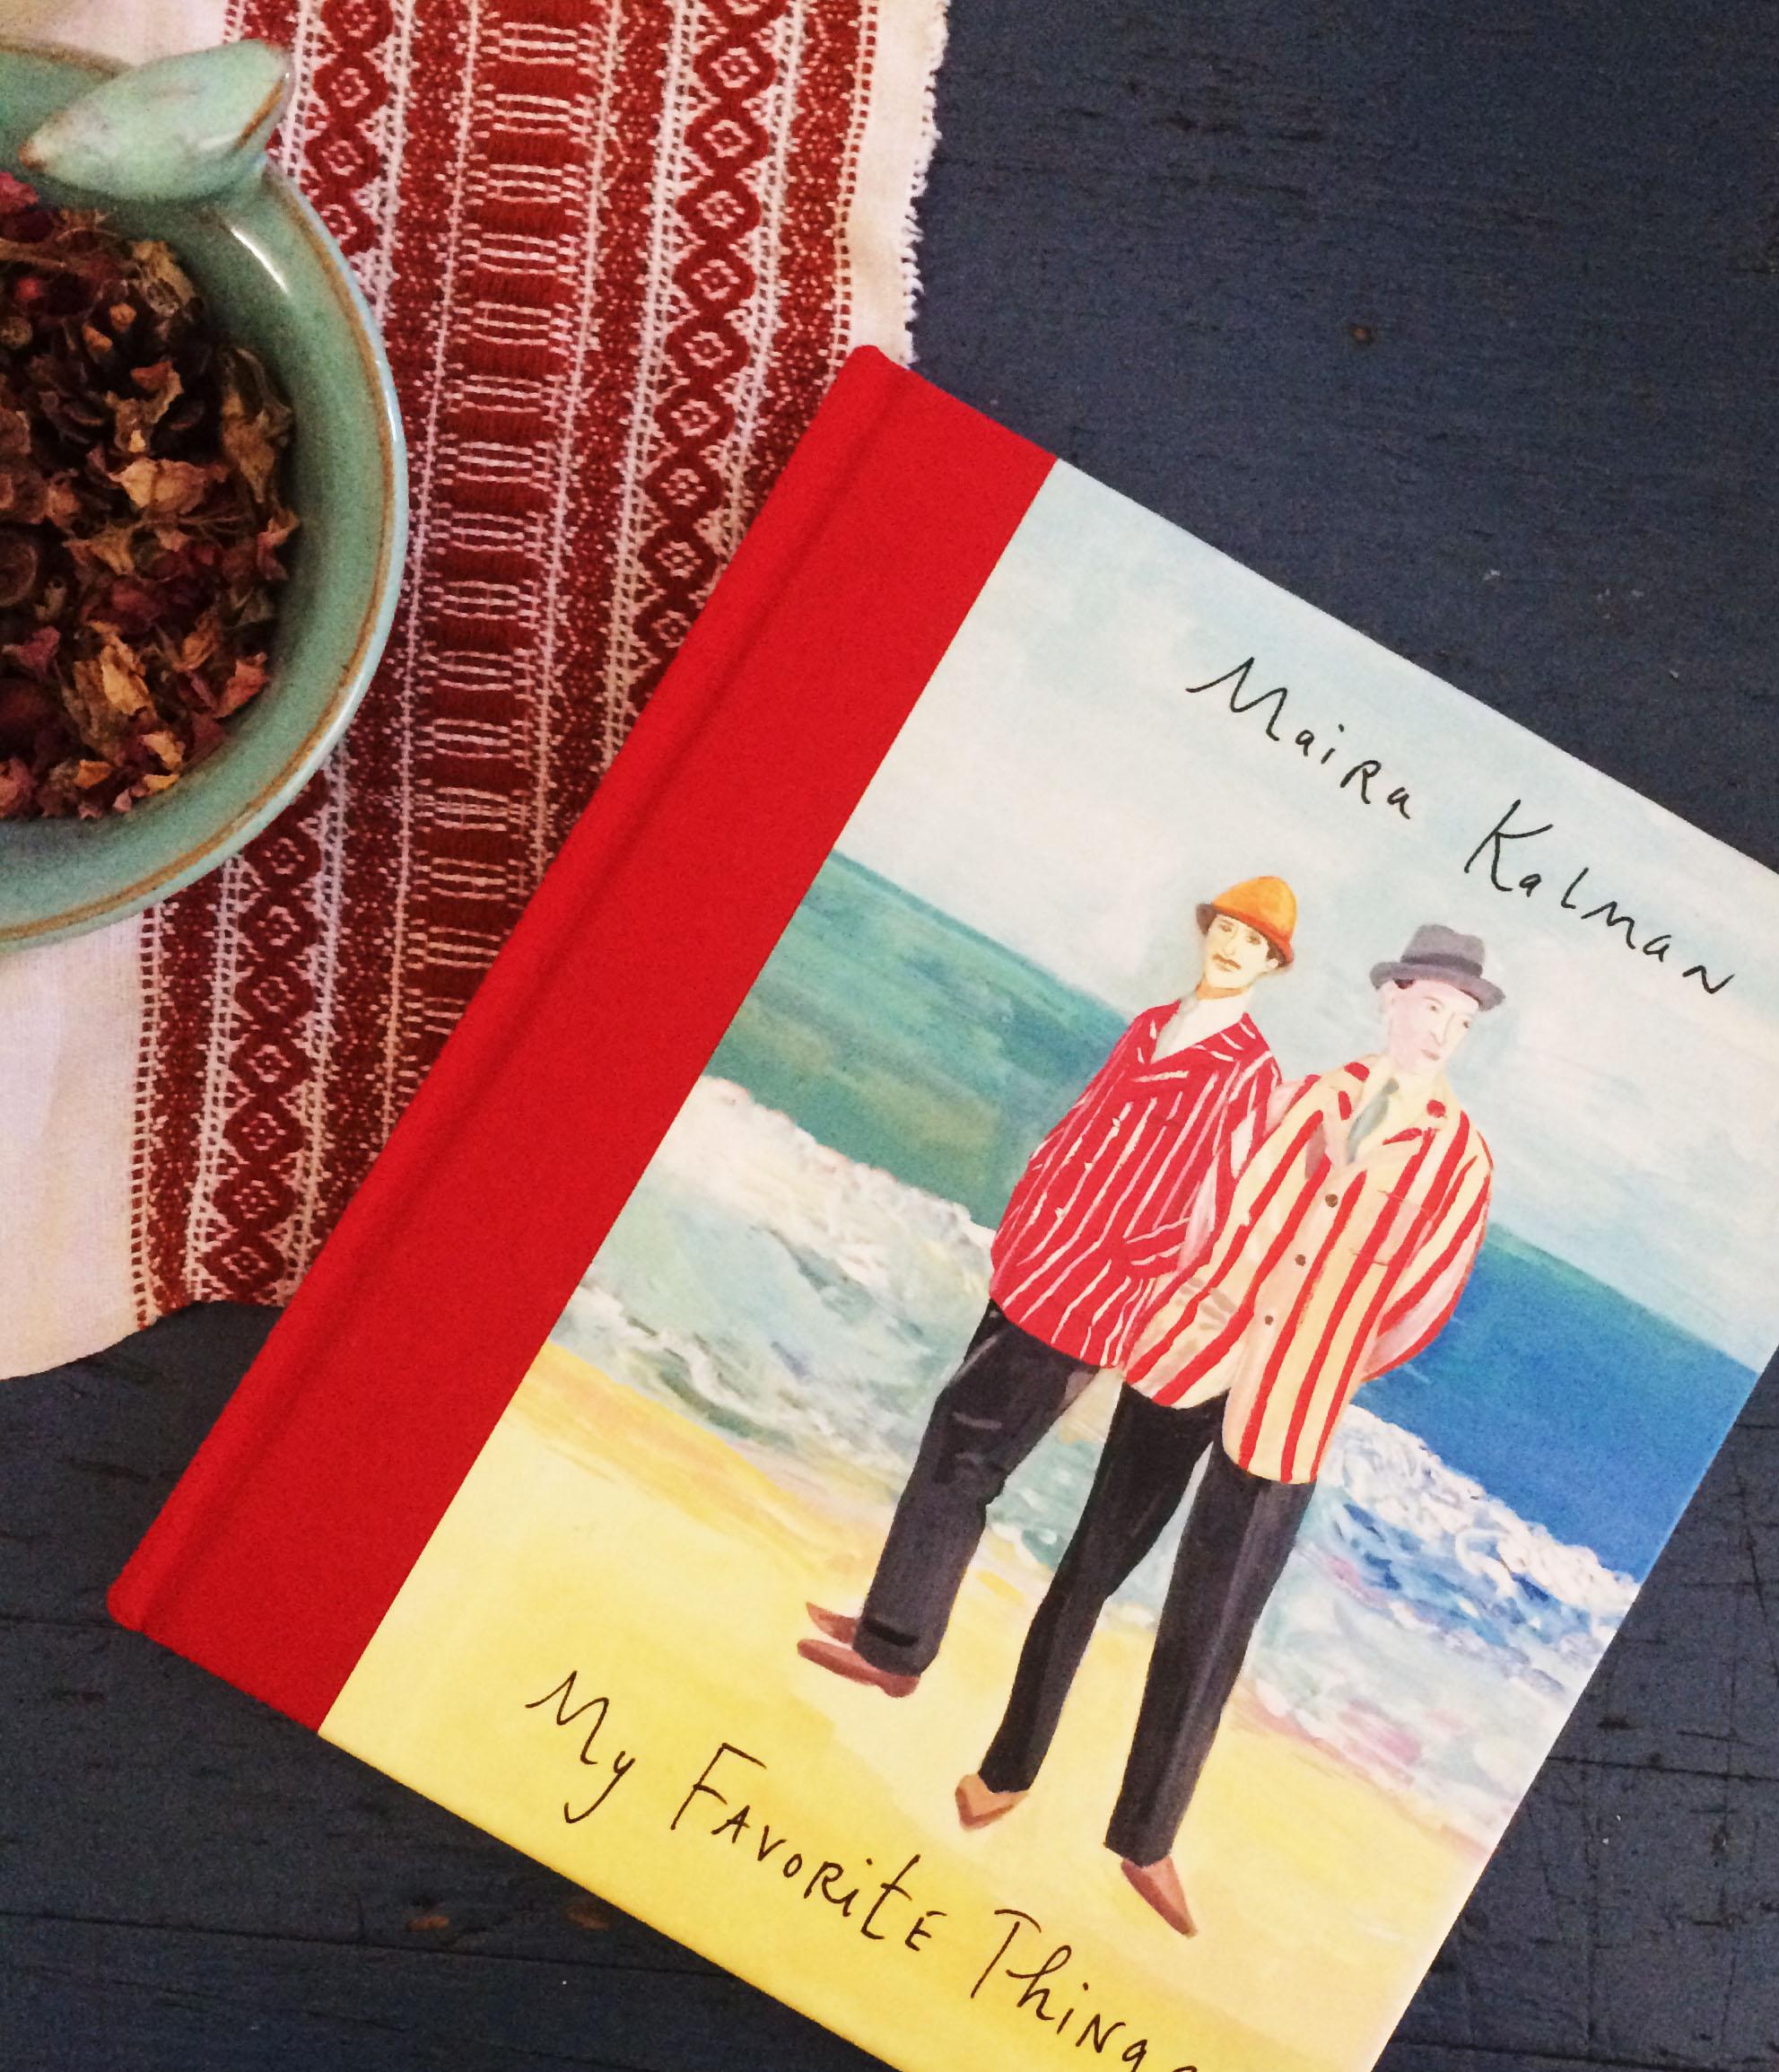 maria kalman book